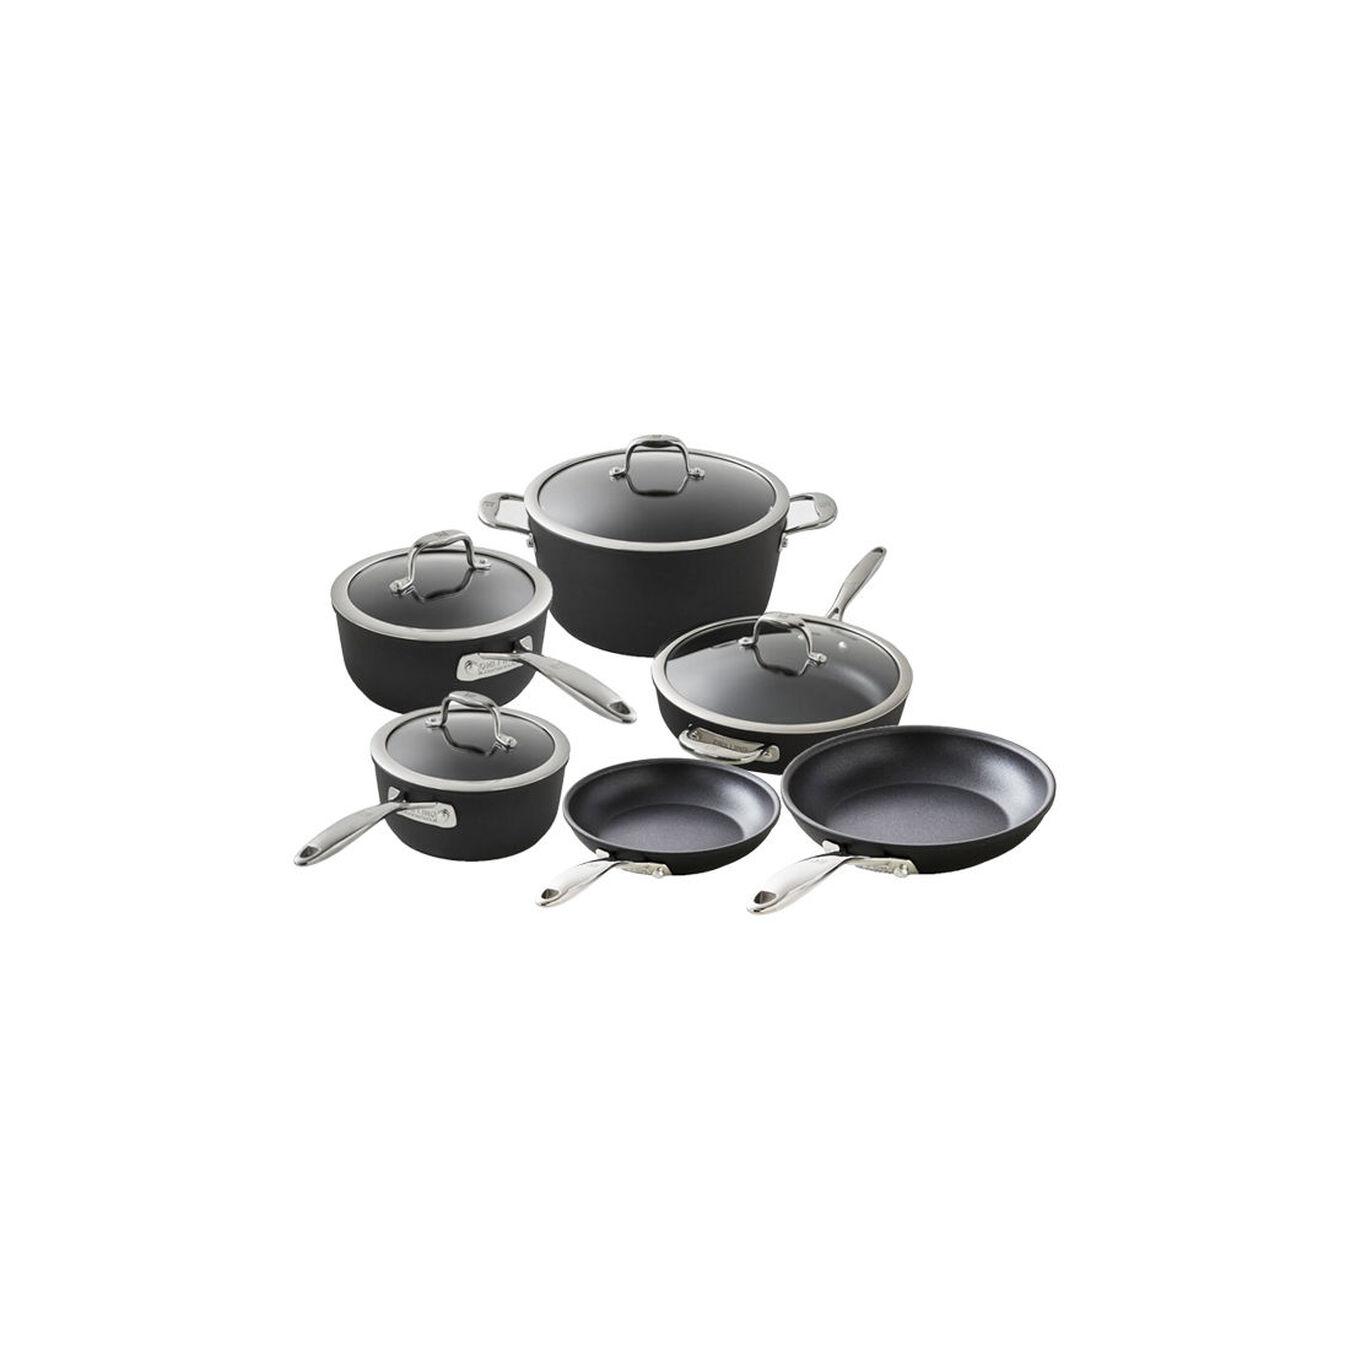 10-pcs Aluminum Ensemble de casseroles et poêles,,large 1